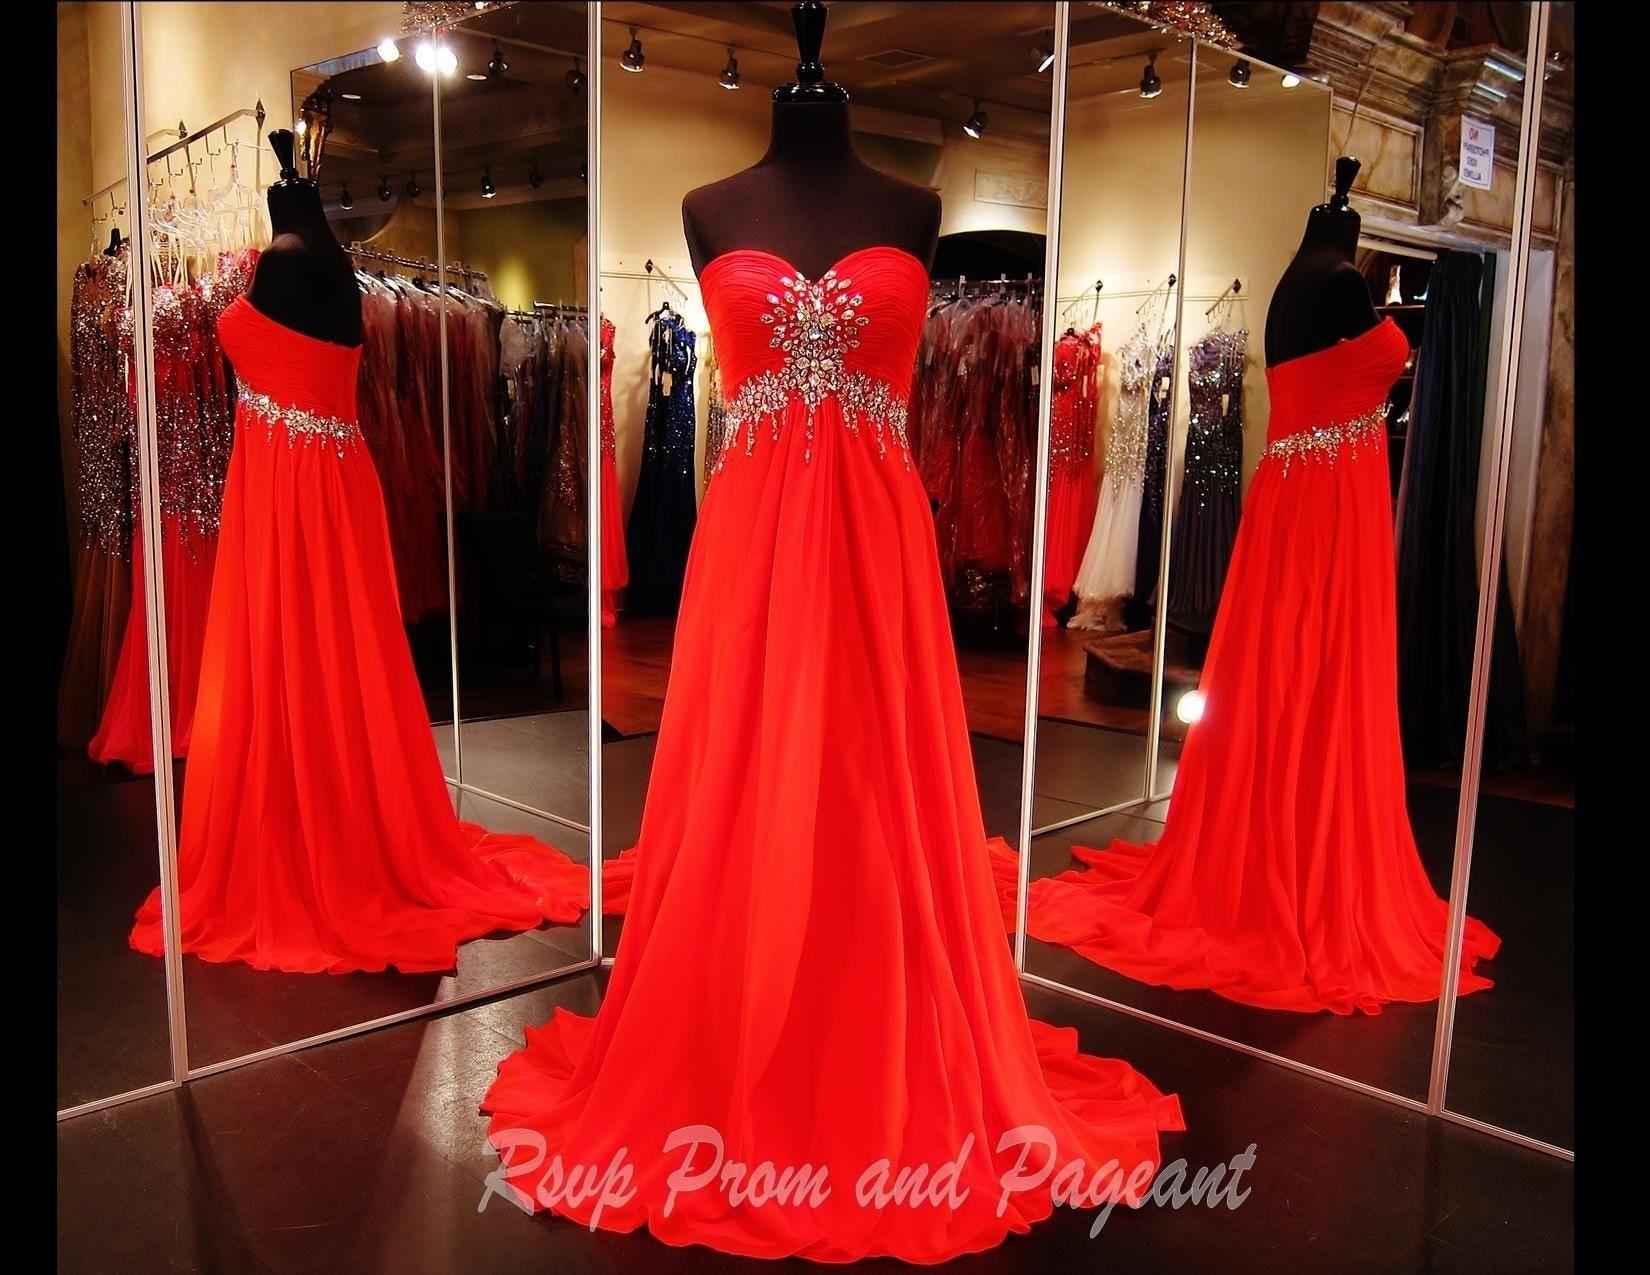 Strapless Red Chiffon Long Dress (SALE)